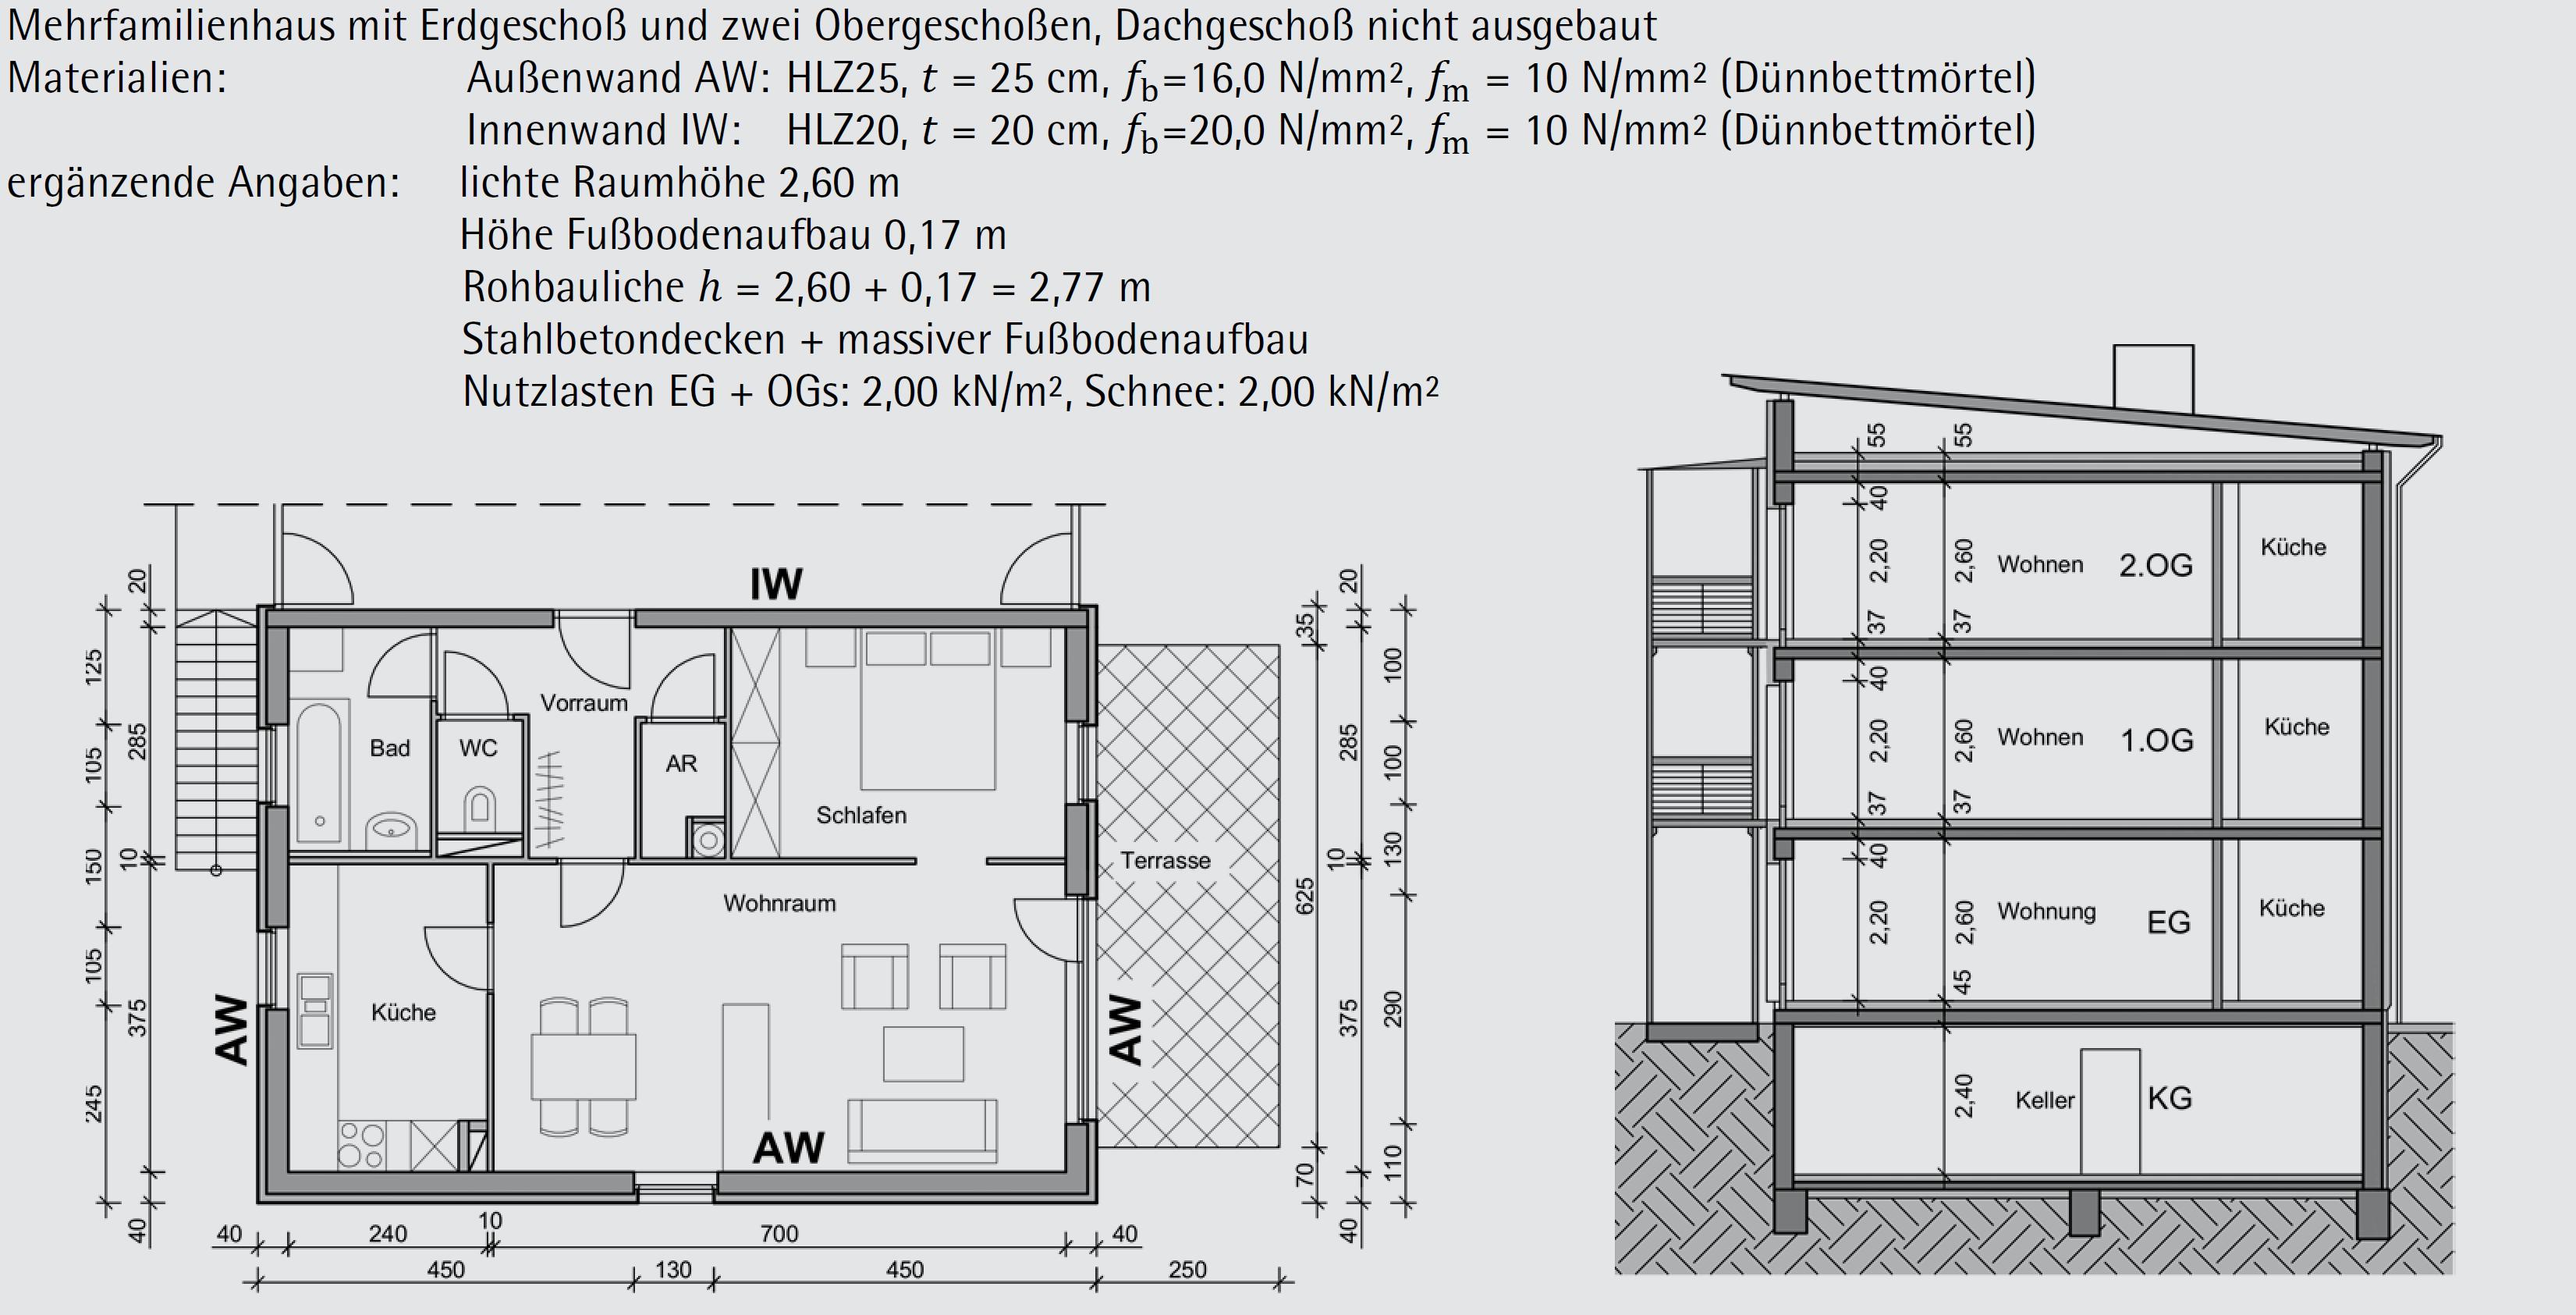 Beispiel 6-03: vereinfachte vertikale Berechnungsmethode – ÖNORM EN 1996-3 (Teil 1/3)